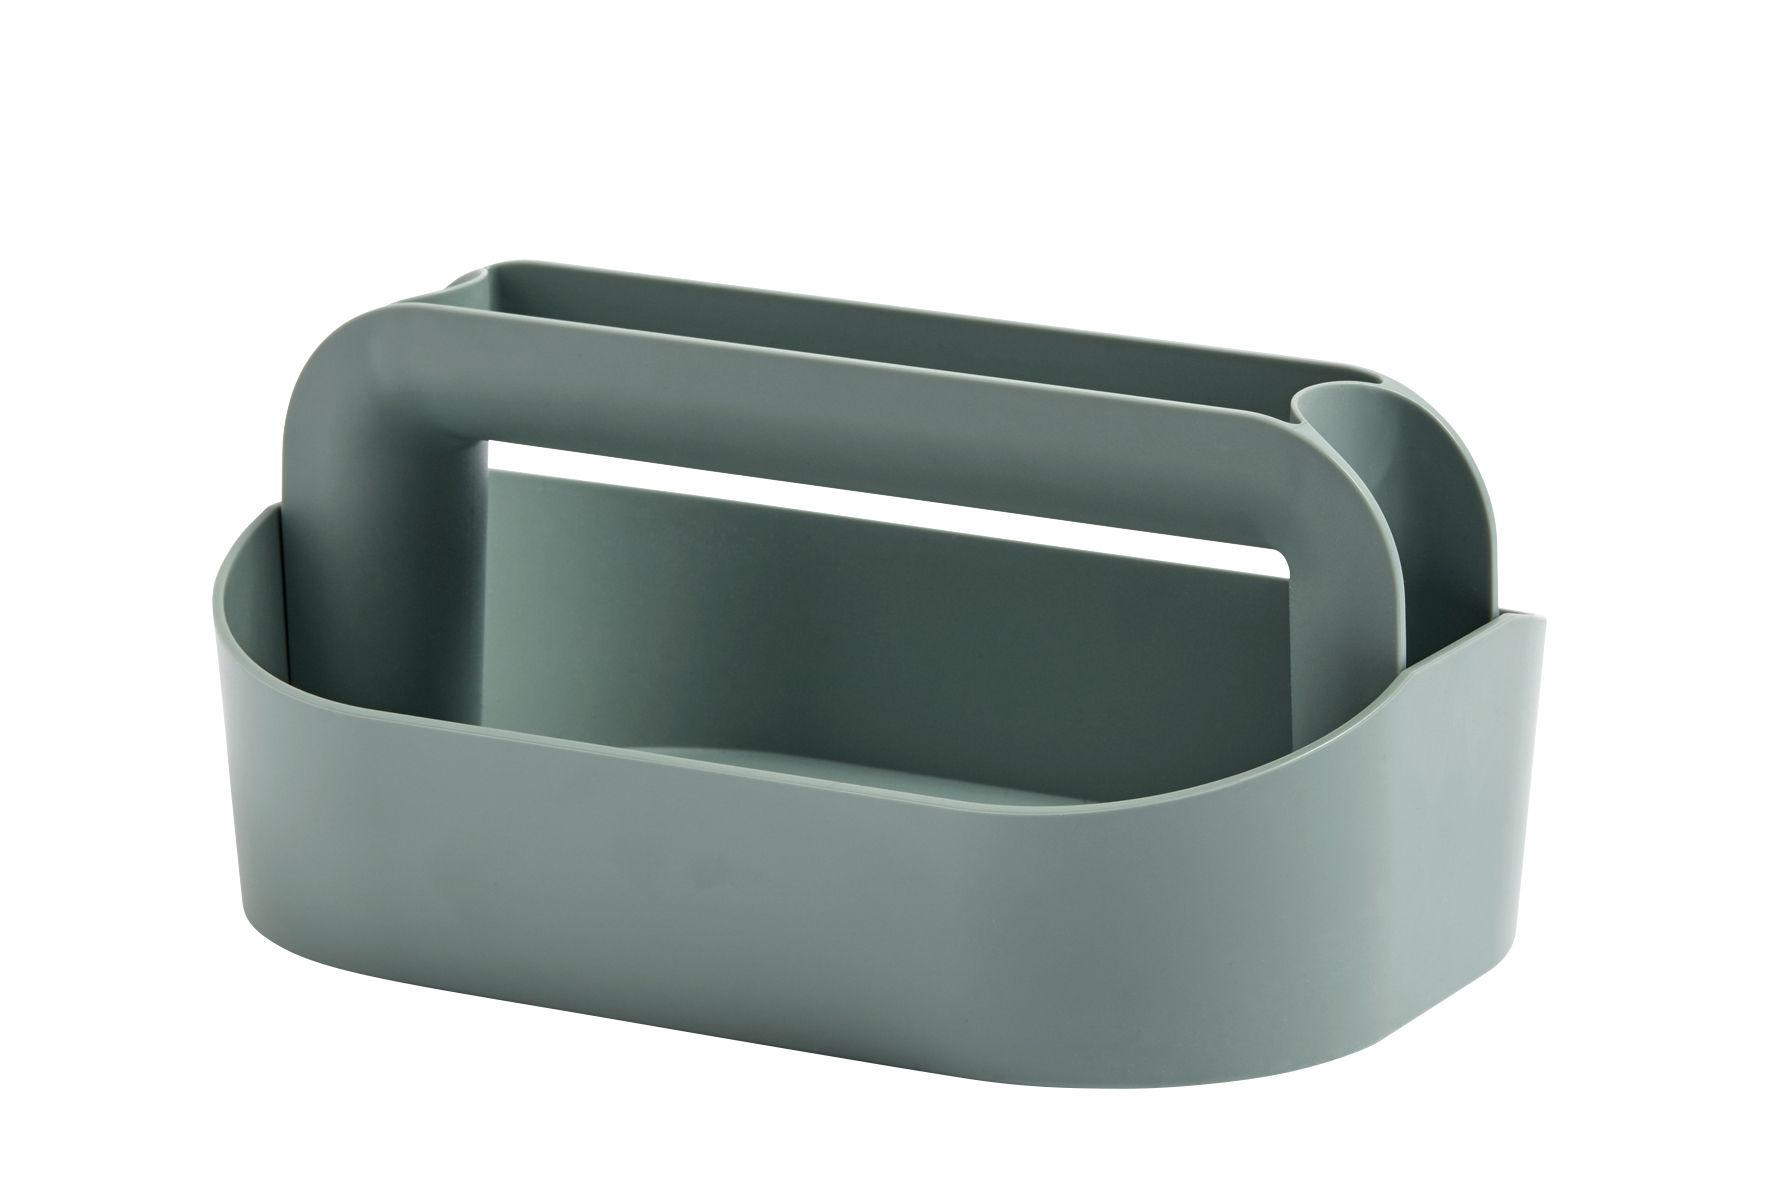 Accessoires - Accessoires für das Büro - Tool Box, Boîte à maquillage Schachtel / L 30,5 cm x H 14,5 cm - Hay - Grün-grau - ABS